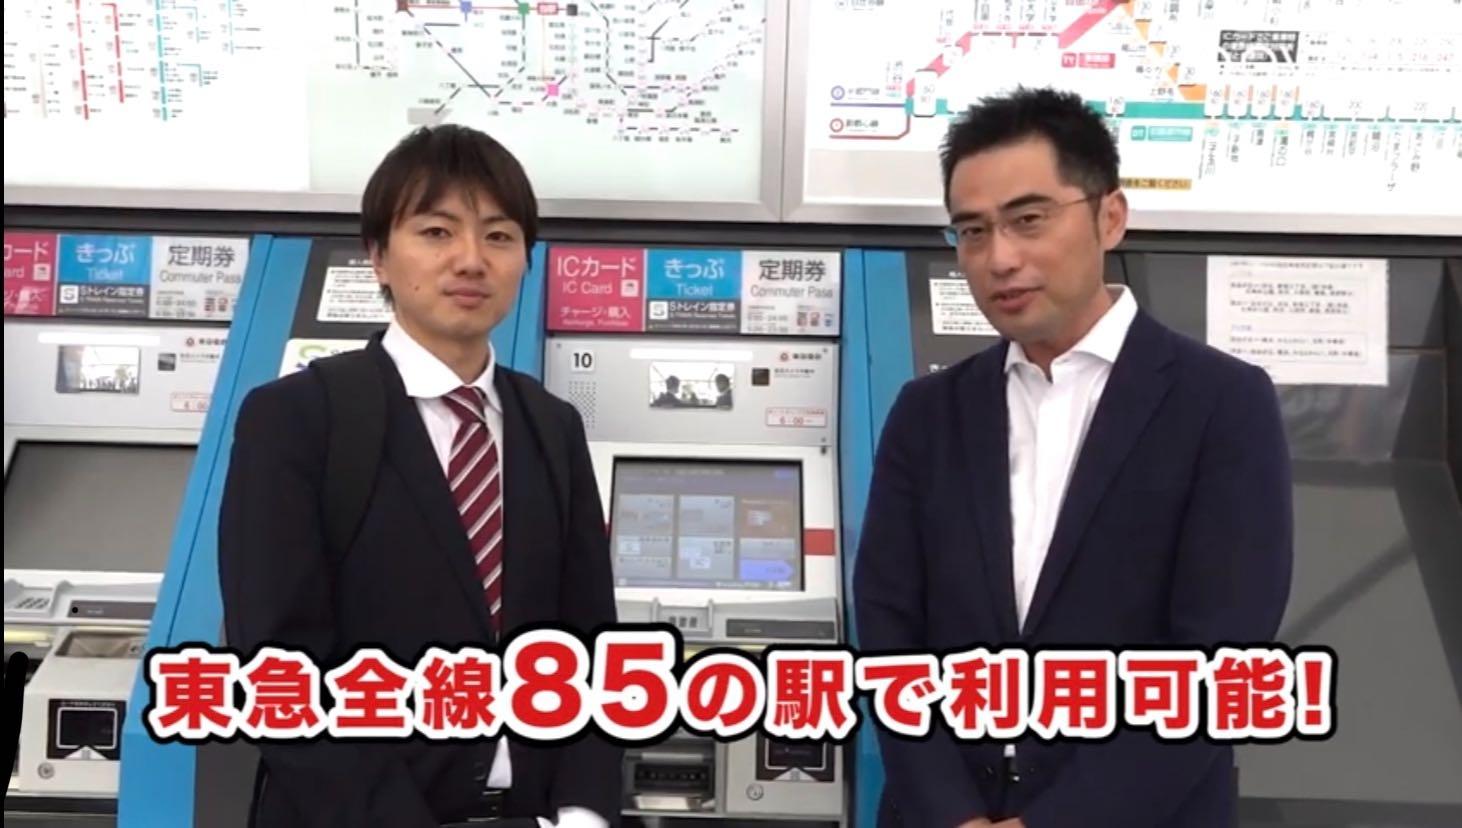 世田谷線とこどもの国線をのぞく東急電鉄85駅でサービス展開